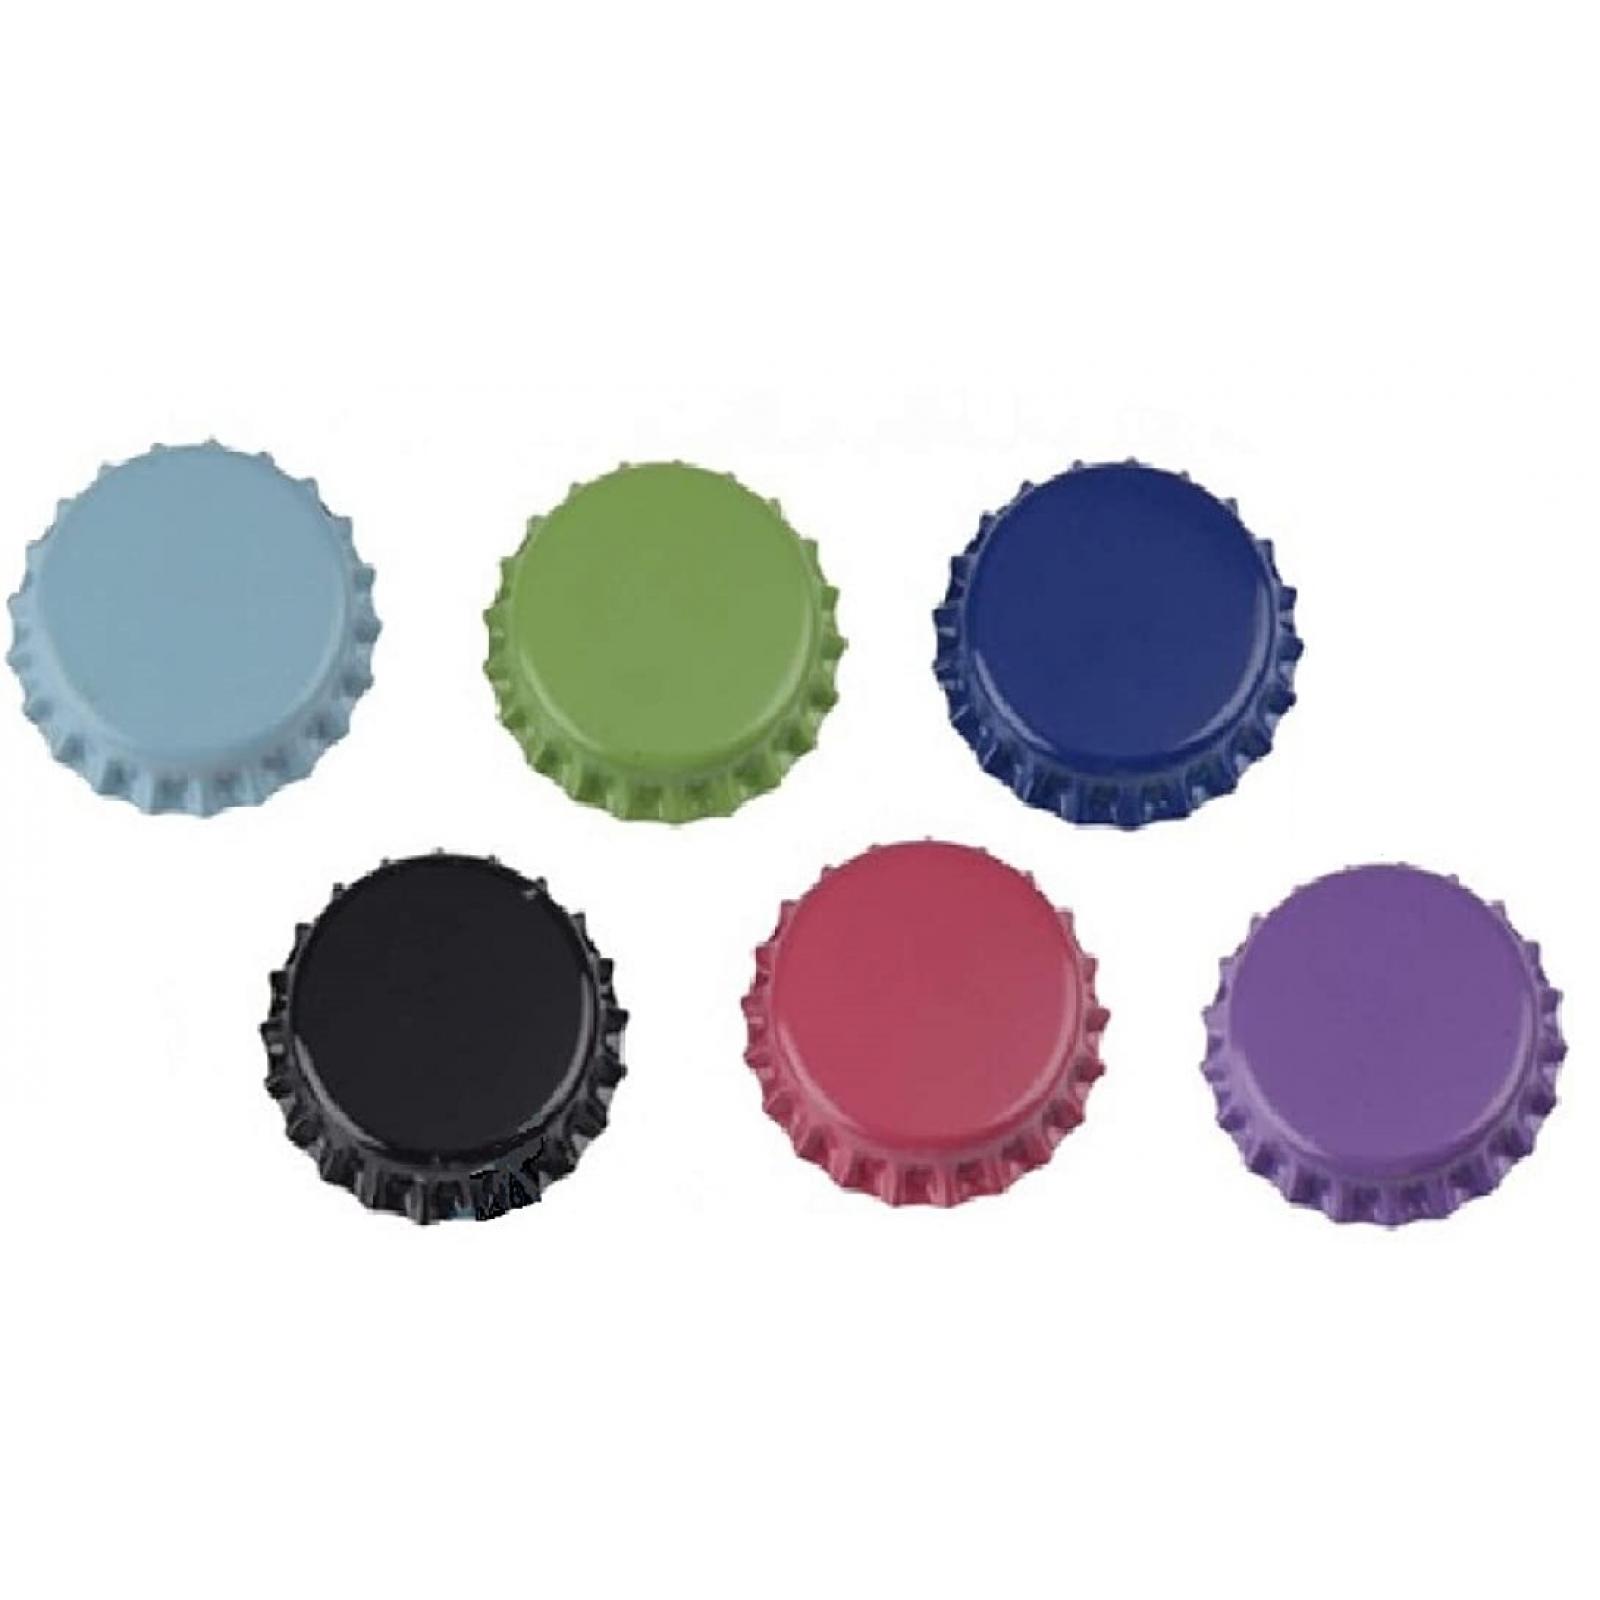 6x k hlschrank magnete kronkorken bunt 30mm memomagnet memohalter zettelhalter ebay. Black Bedroom Furniture Sets. Home Design Ideas